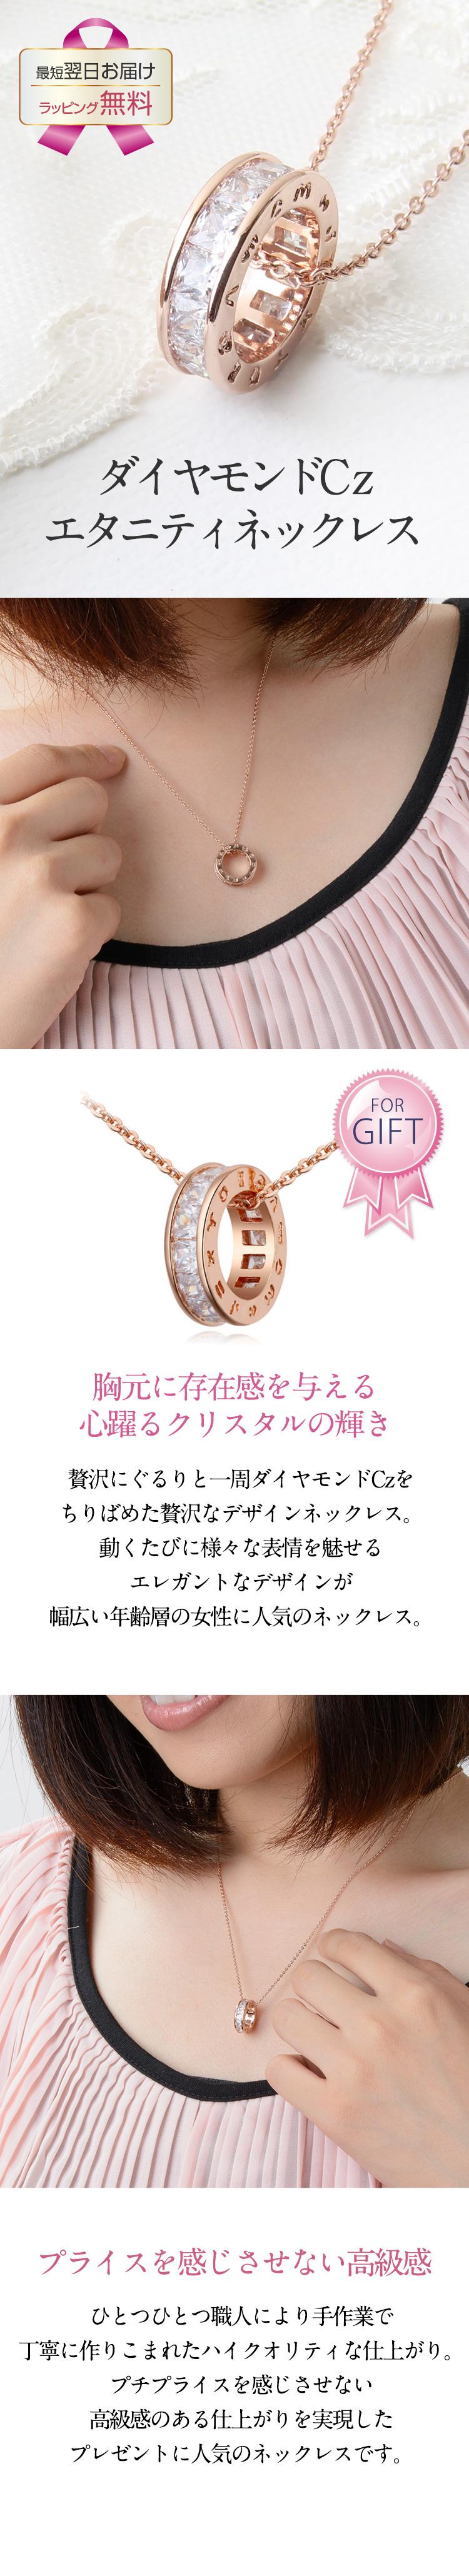 PGエタニティリング★ダイヤモンドCzネックレス